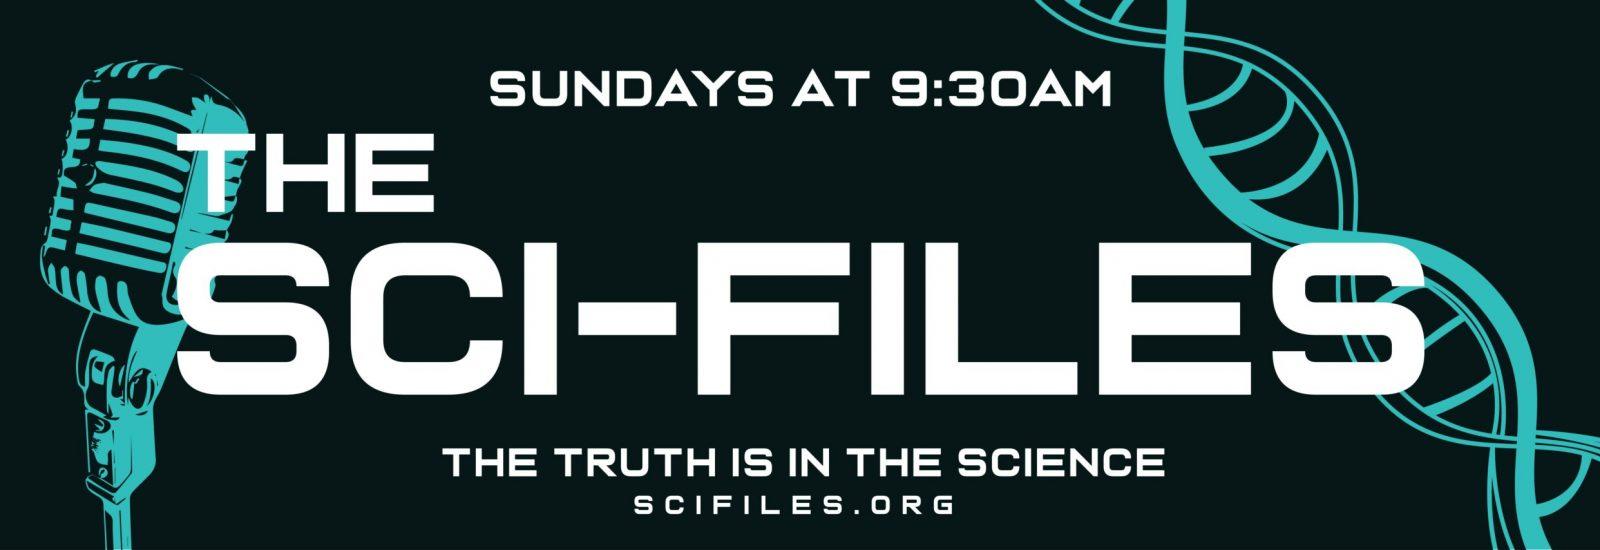 SciFiles_SocialMedia_Banners-01